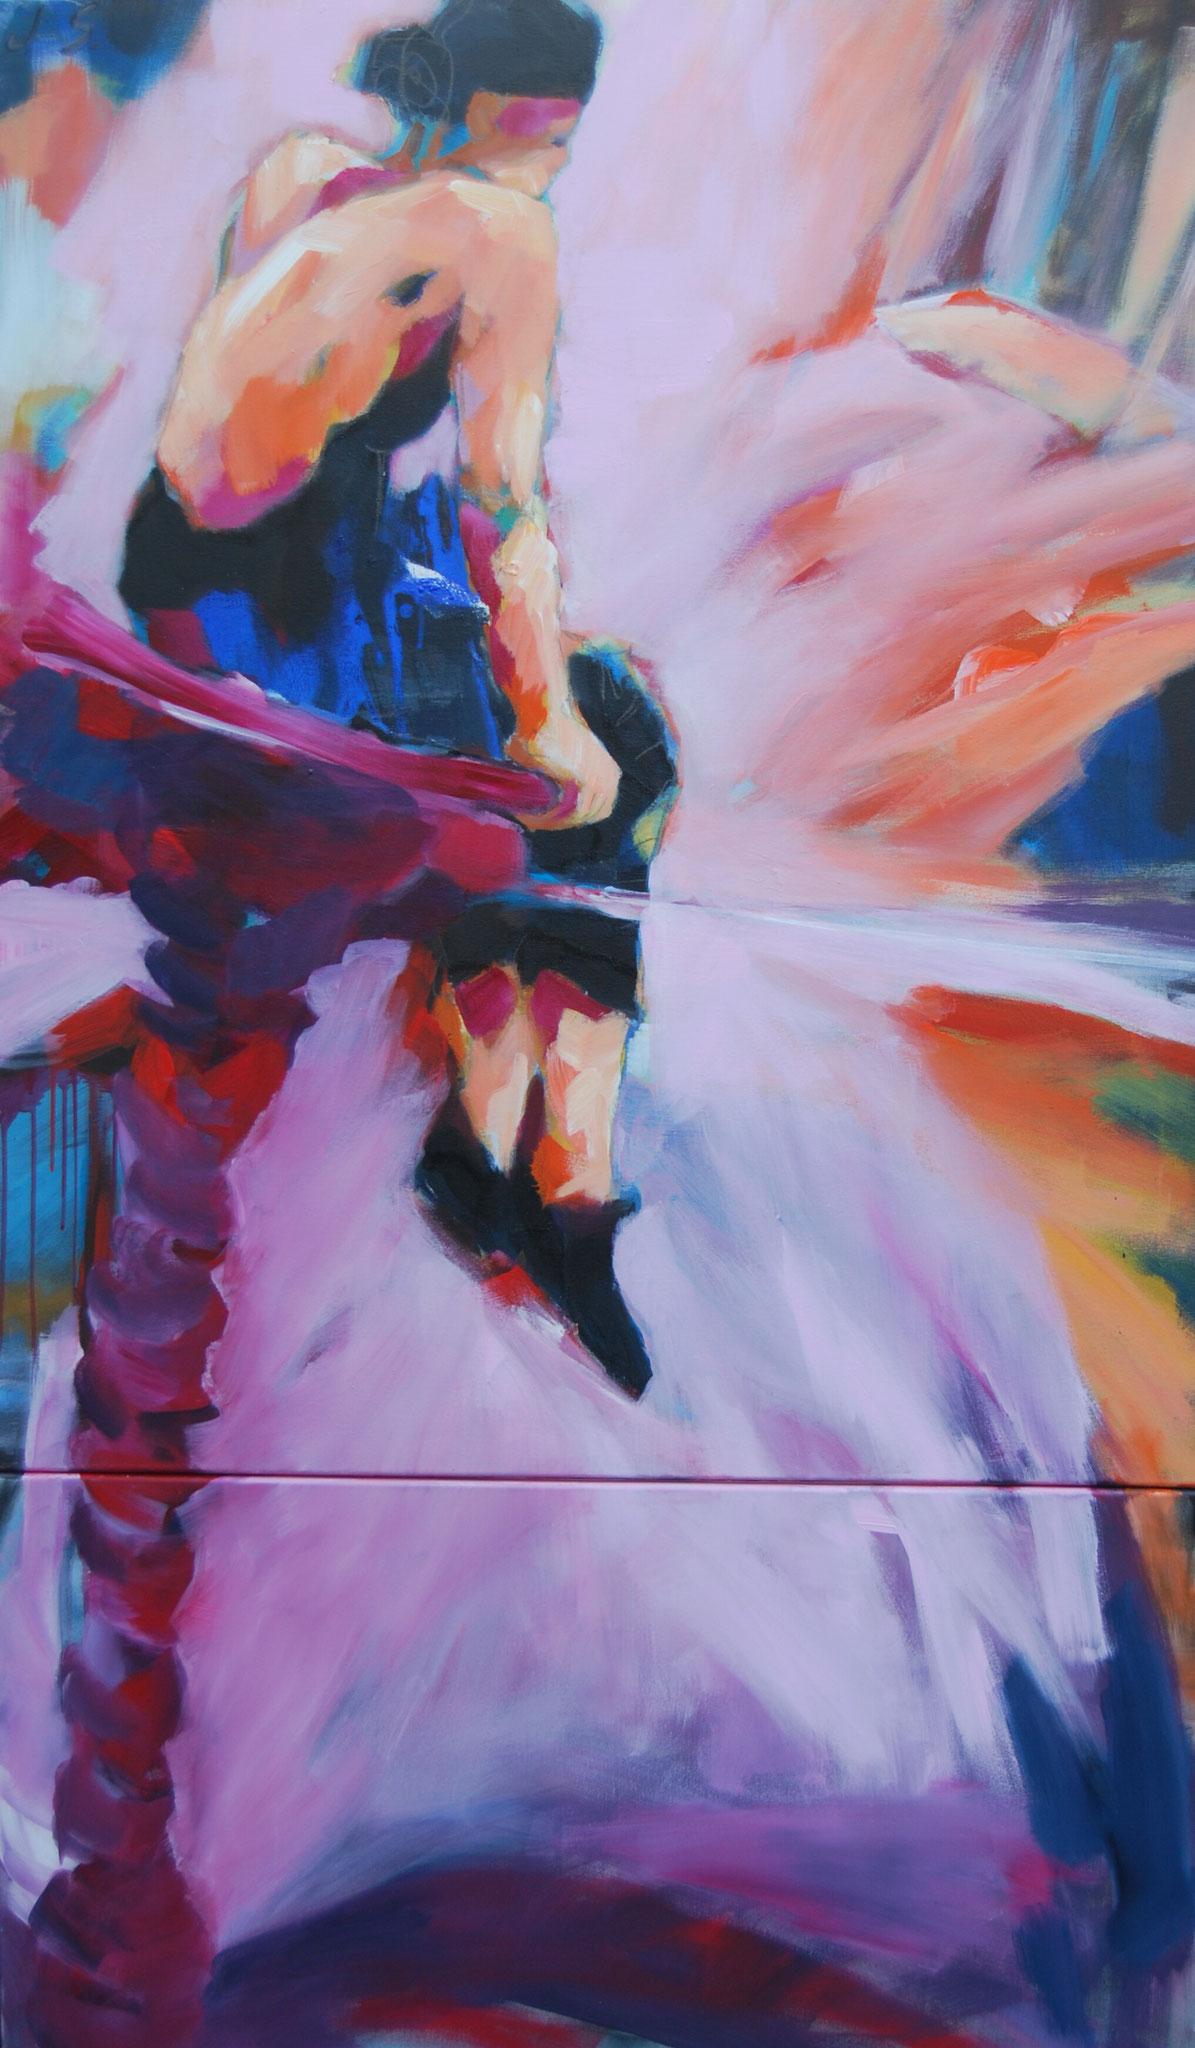 Vor dem Tanz auf dem Seil, 2012, Acryl auf Leinwand, zweiteilig 140 x 100 cm